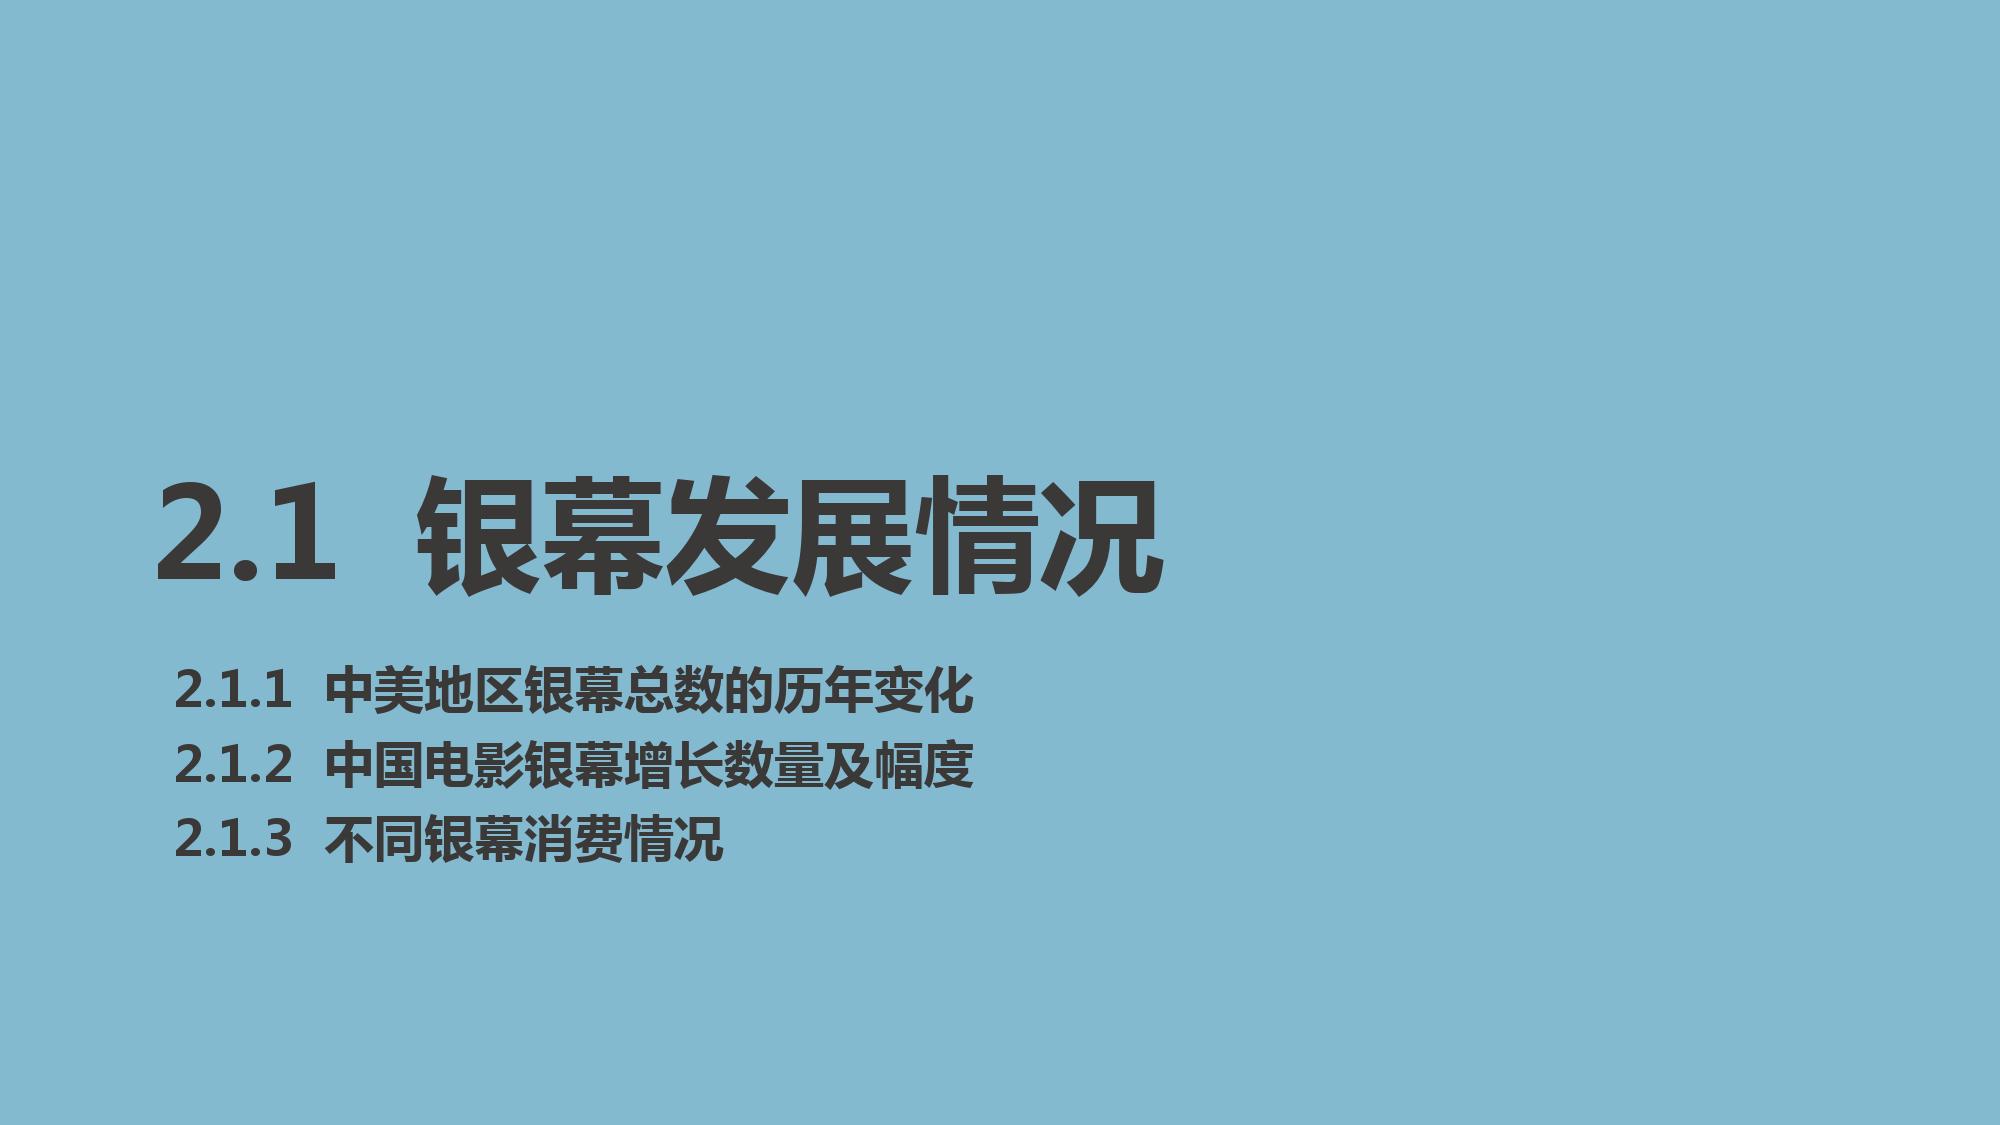 2015年度中国电影产业报告_000026